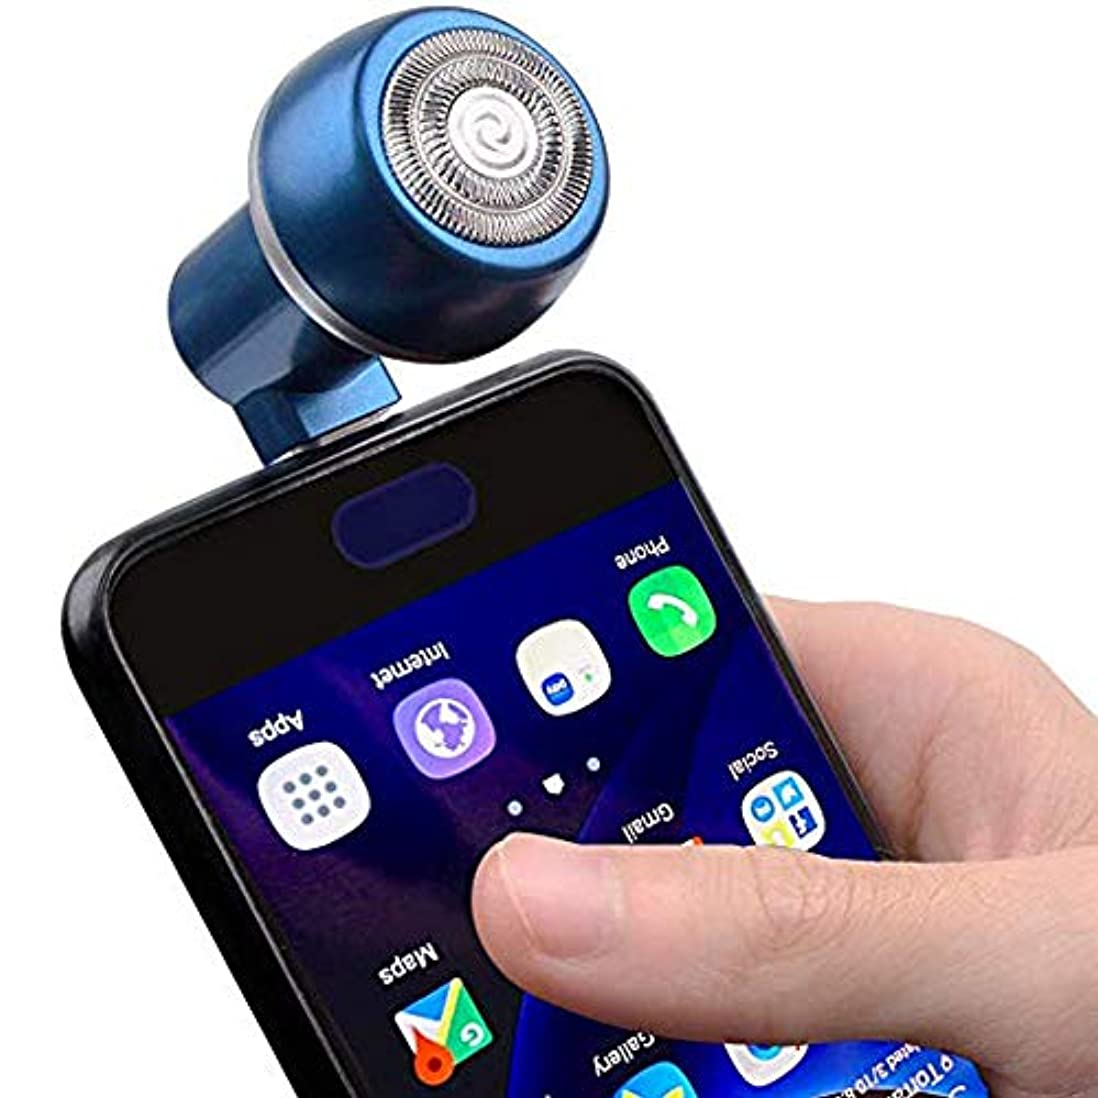 ドラフトコロニアルハードリングiCaree 鉱石ブルーメンズ 電気 シェーバー 髭剃り 回転式 ミニ 電動ひげそり 携帯電話/USB充電式 持ち運び便利 ビジネス 海外通用Android携帯電話屋外ポータブルマイクロ